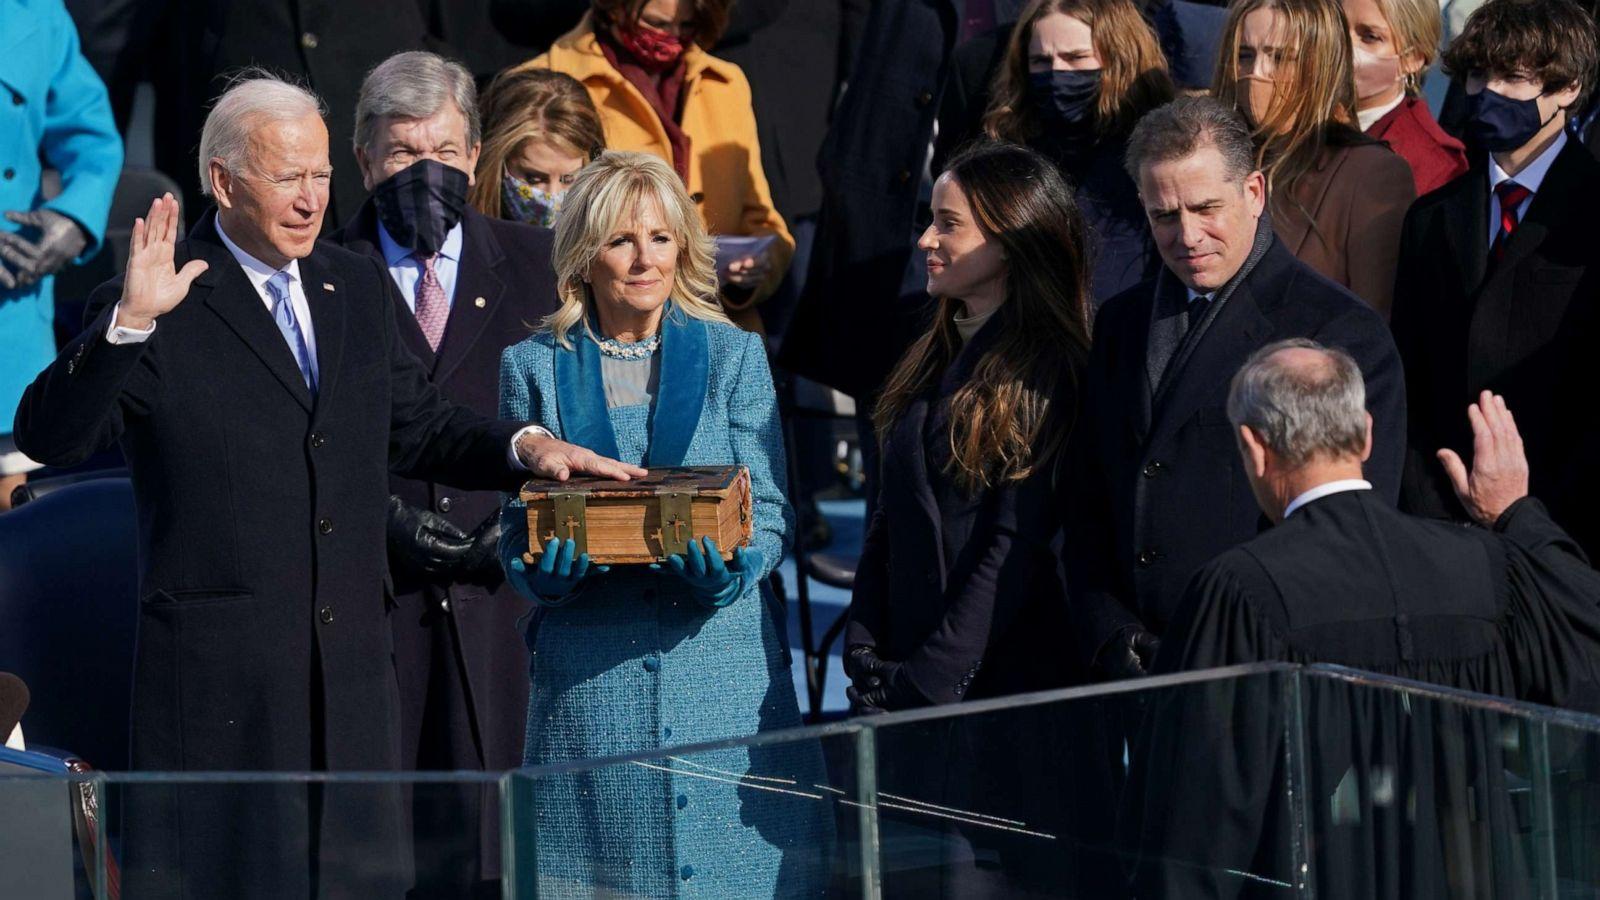 Οικογένεια Μπάιντεν: τι επέλεξαν να φορέσουν το βράδυ της ορκωμοσίας του Προέδρου (φωτογραφίες)